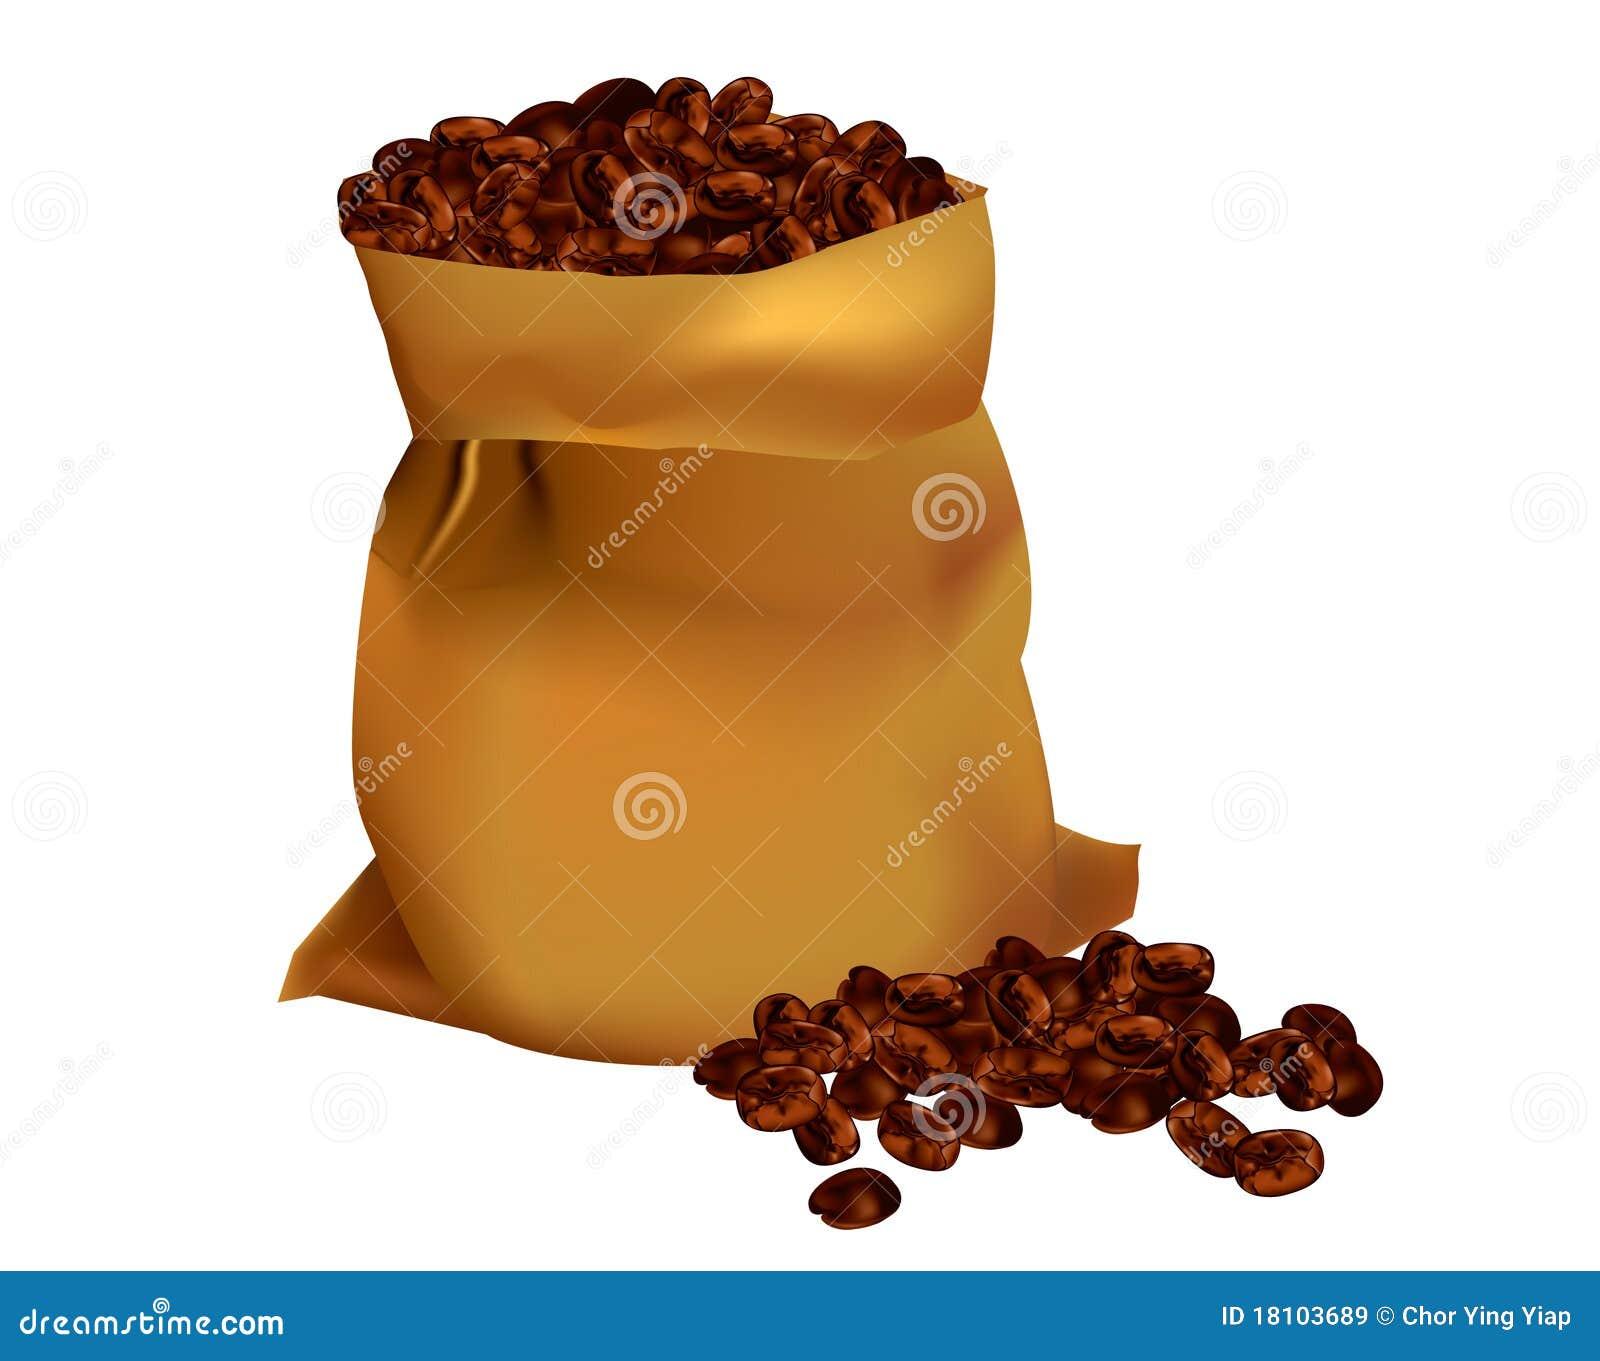 вкладыш кофе фасолей